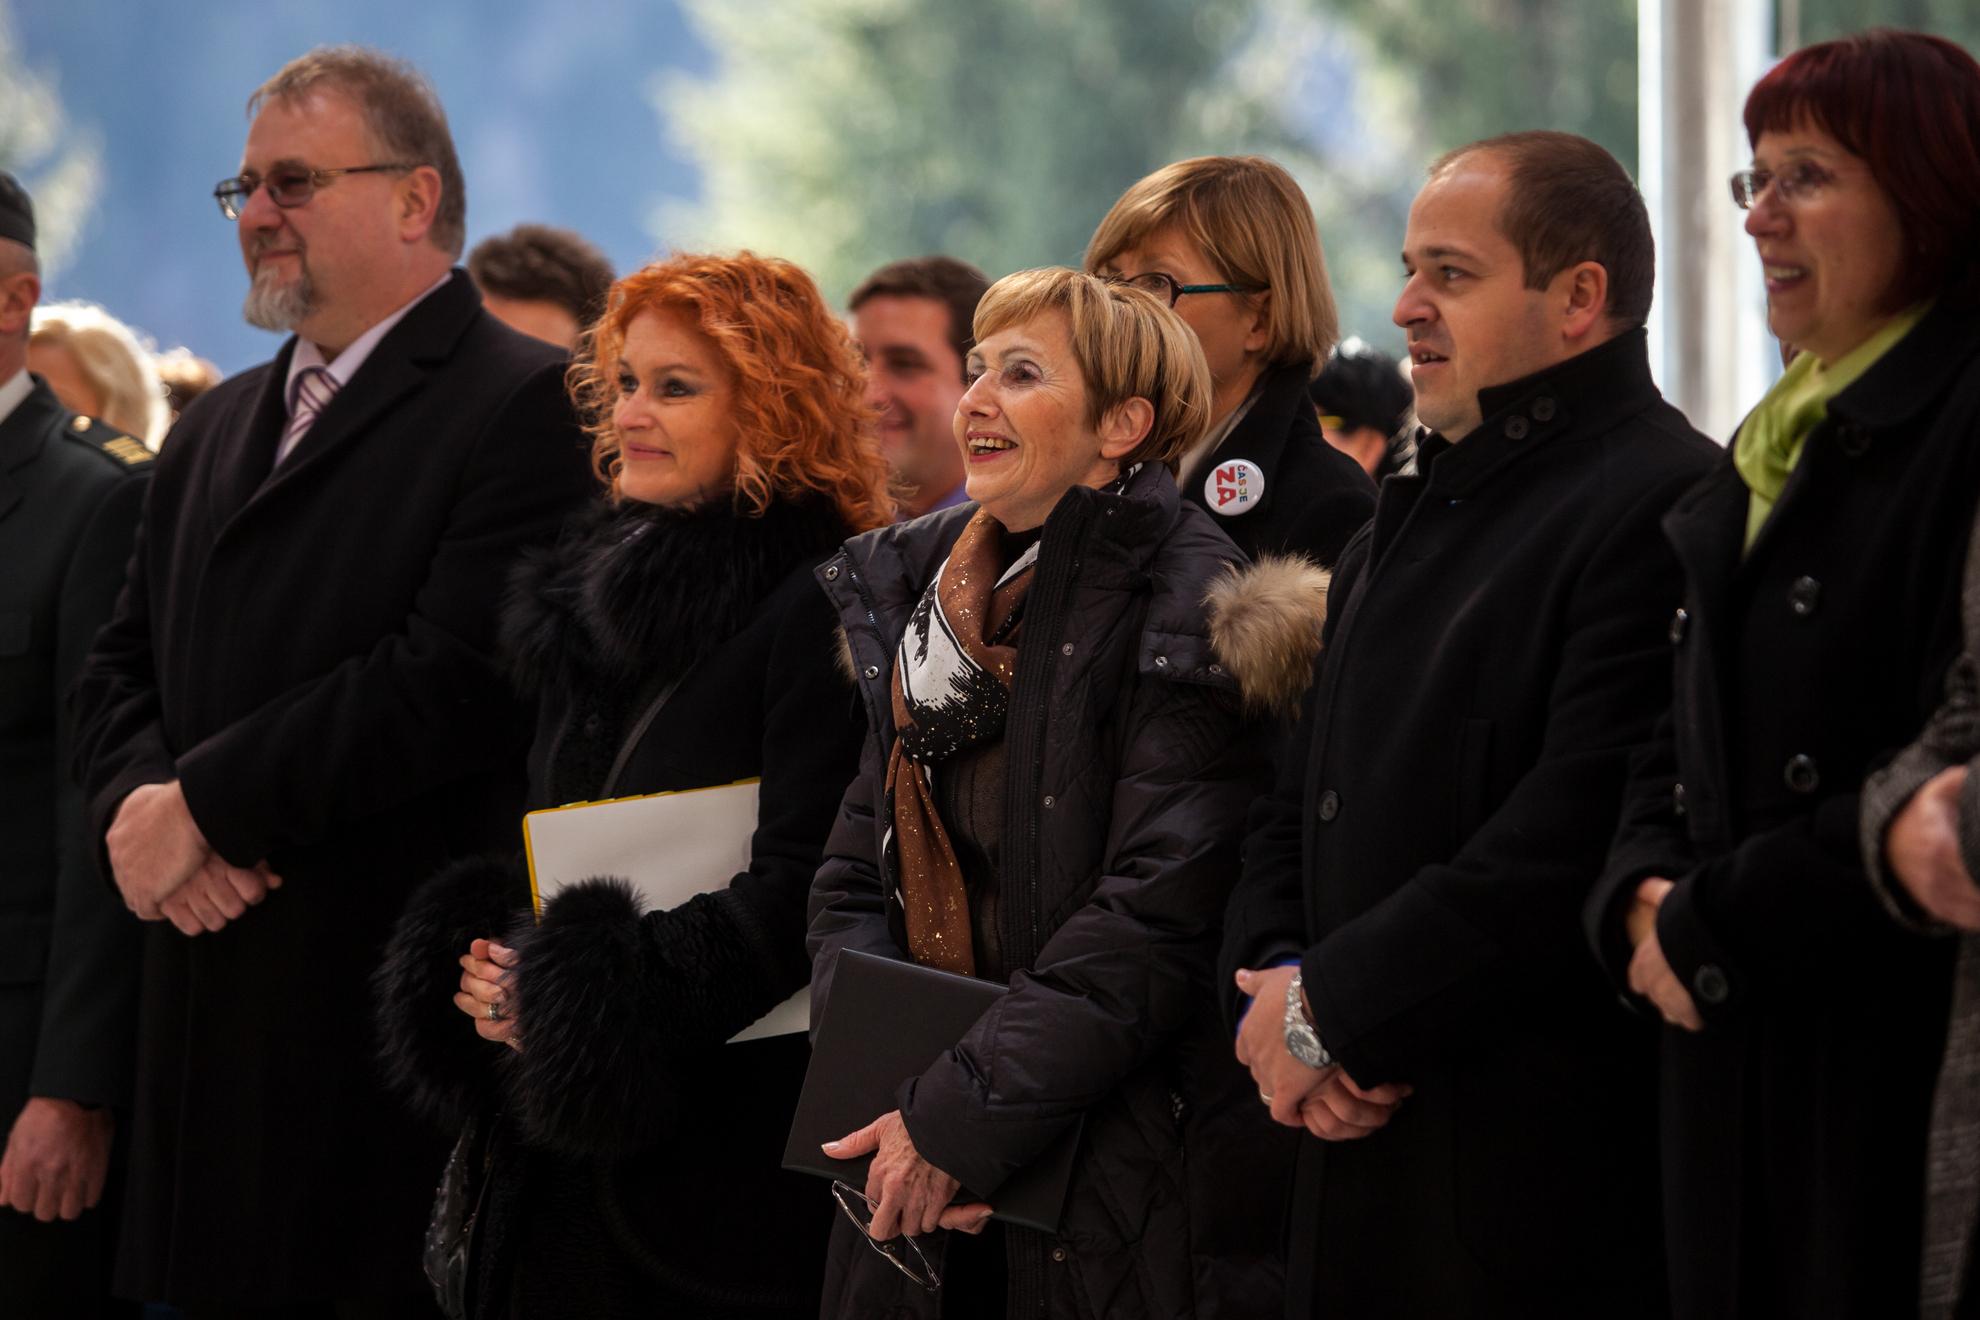 Ministrica Milojka Kolar Celarc na otvoritvi Urgentnega centra na Jesenicah. Pojoča ministrica na otvoritvi.